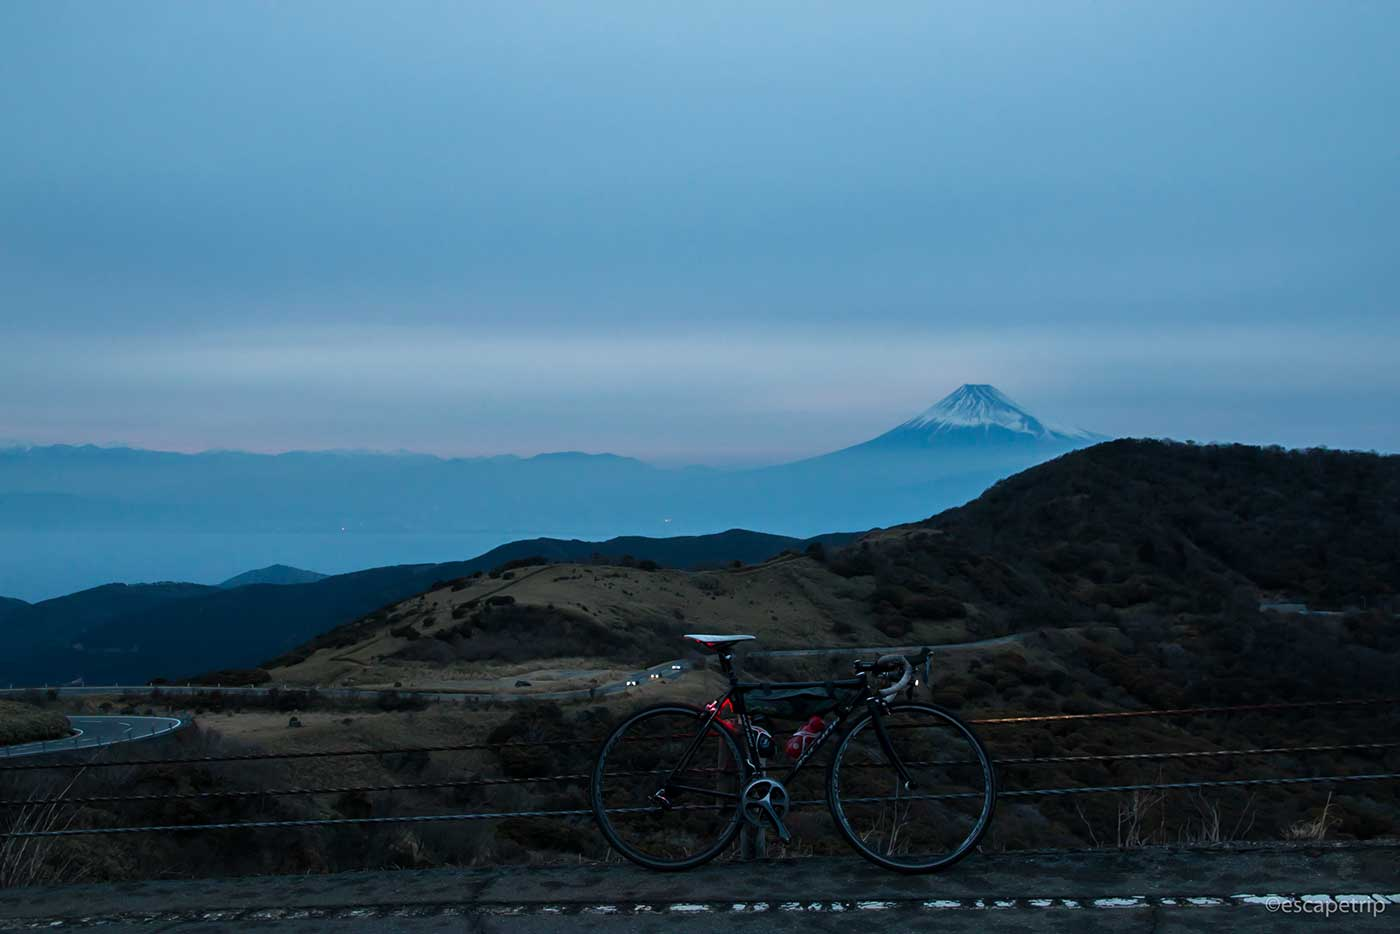 夕暮れの西伊豆スカイラインと富士山とロードバイク